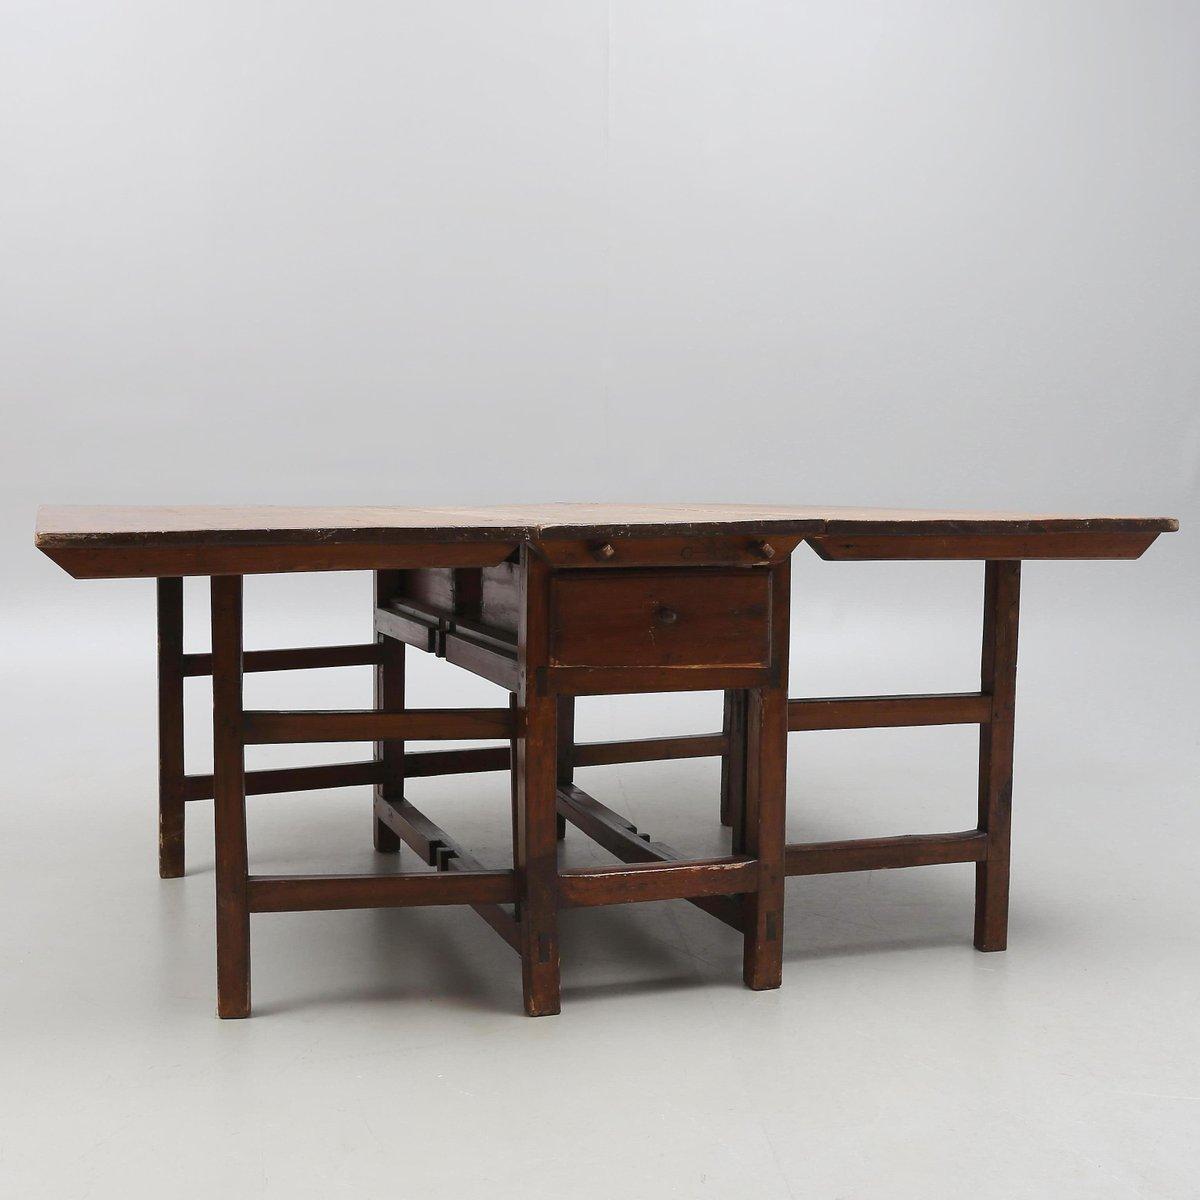 esszimmerset mit tisch und vier st hlen aus 18 jhdt bei. Black Bedroom Furniture Sets. Home Design Ideas